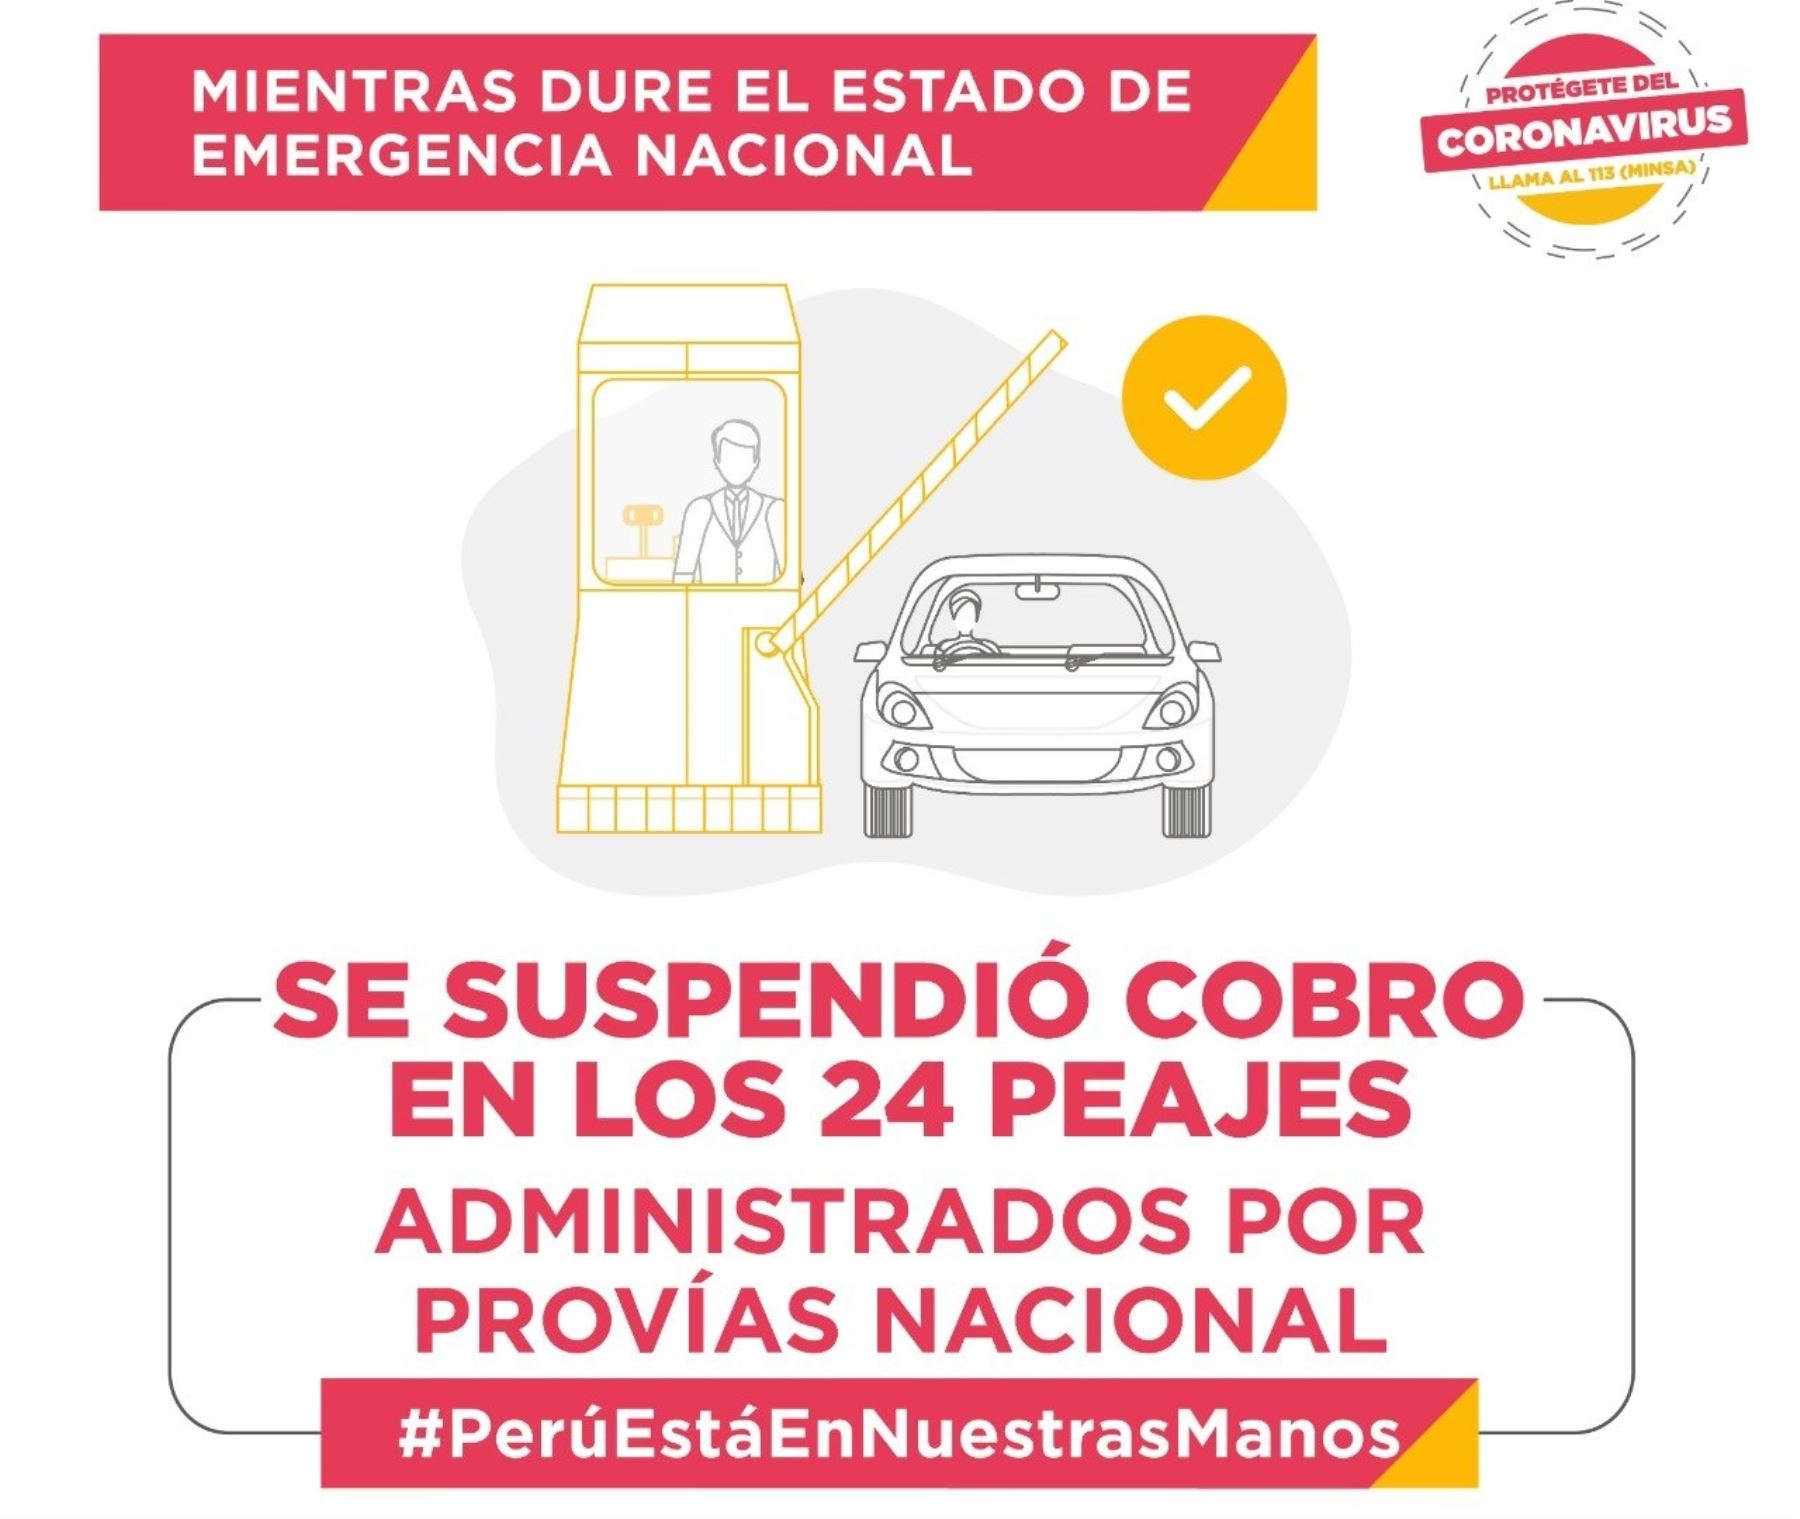 Gobierno anuncia la suspensión del cobro en los 24 peajes administrados por Provias Nacional durante el estado de emergencia. ANDINA/Difusión